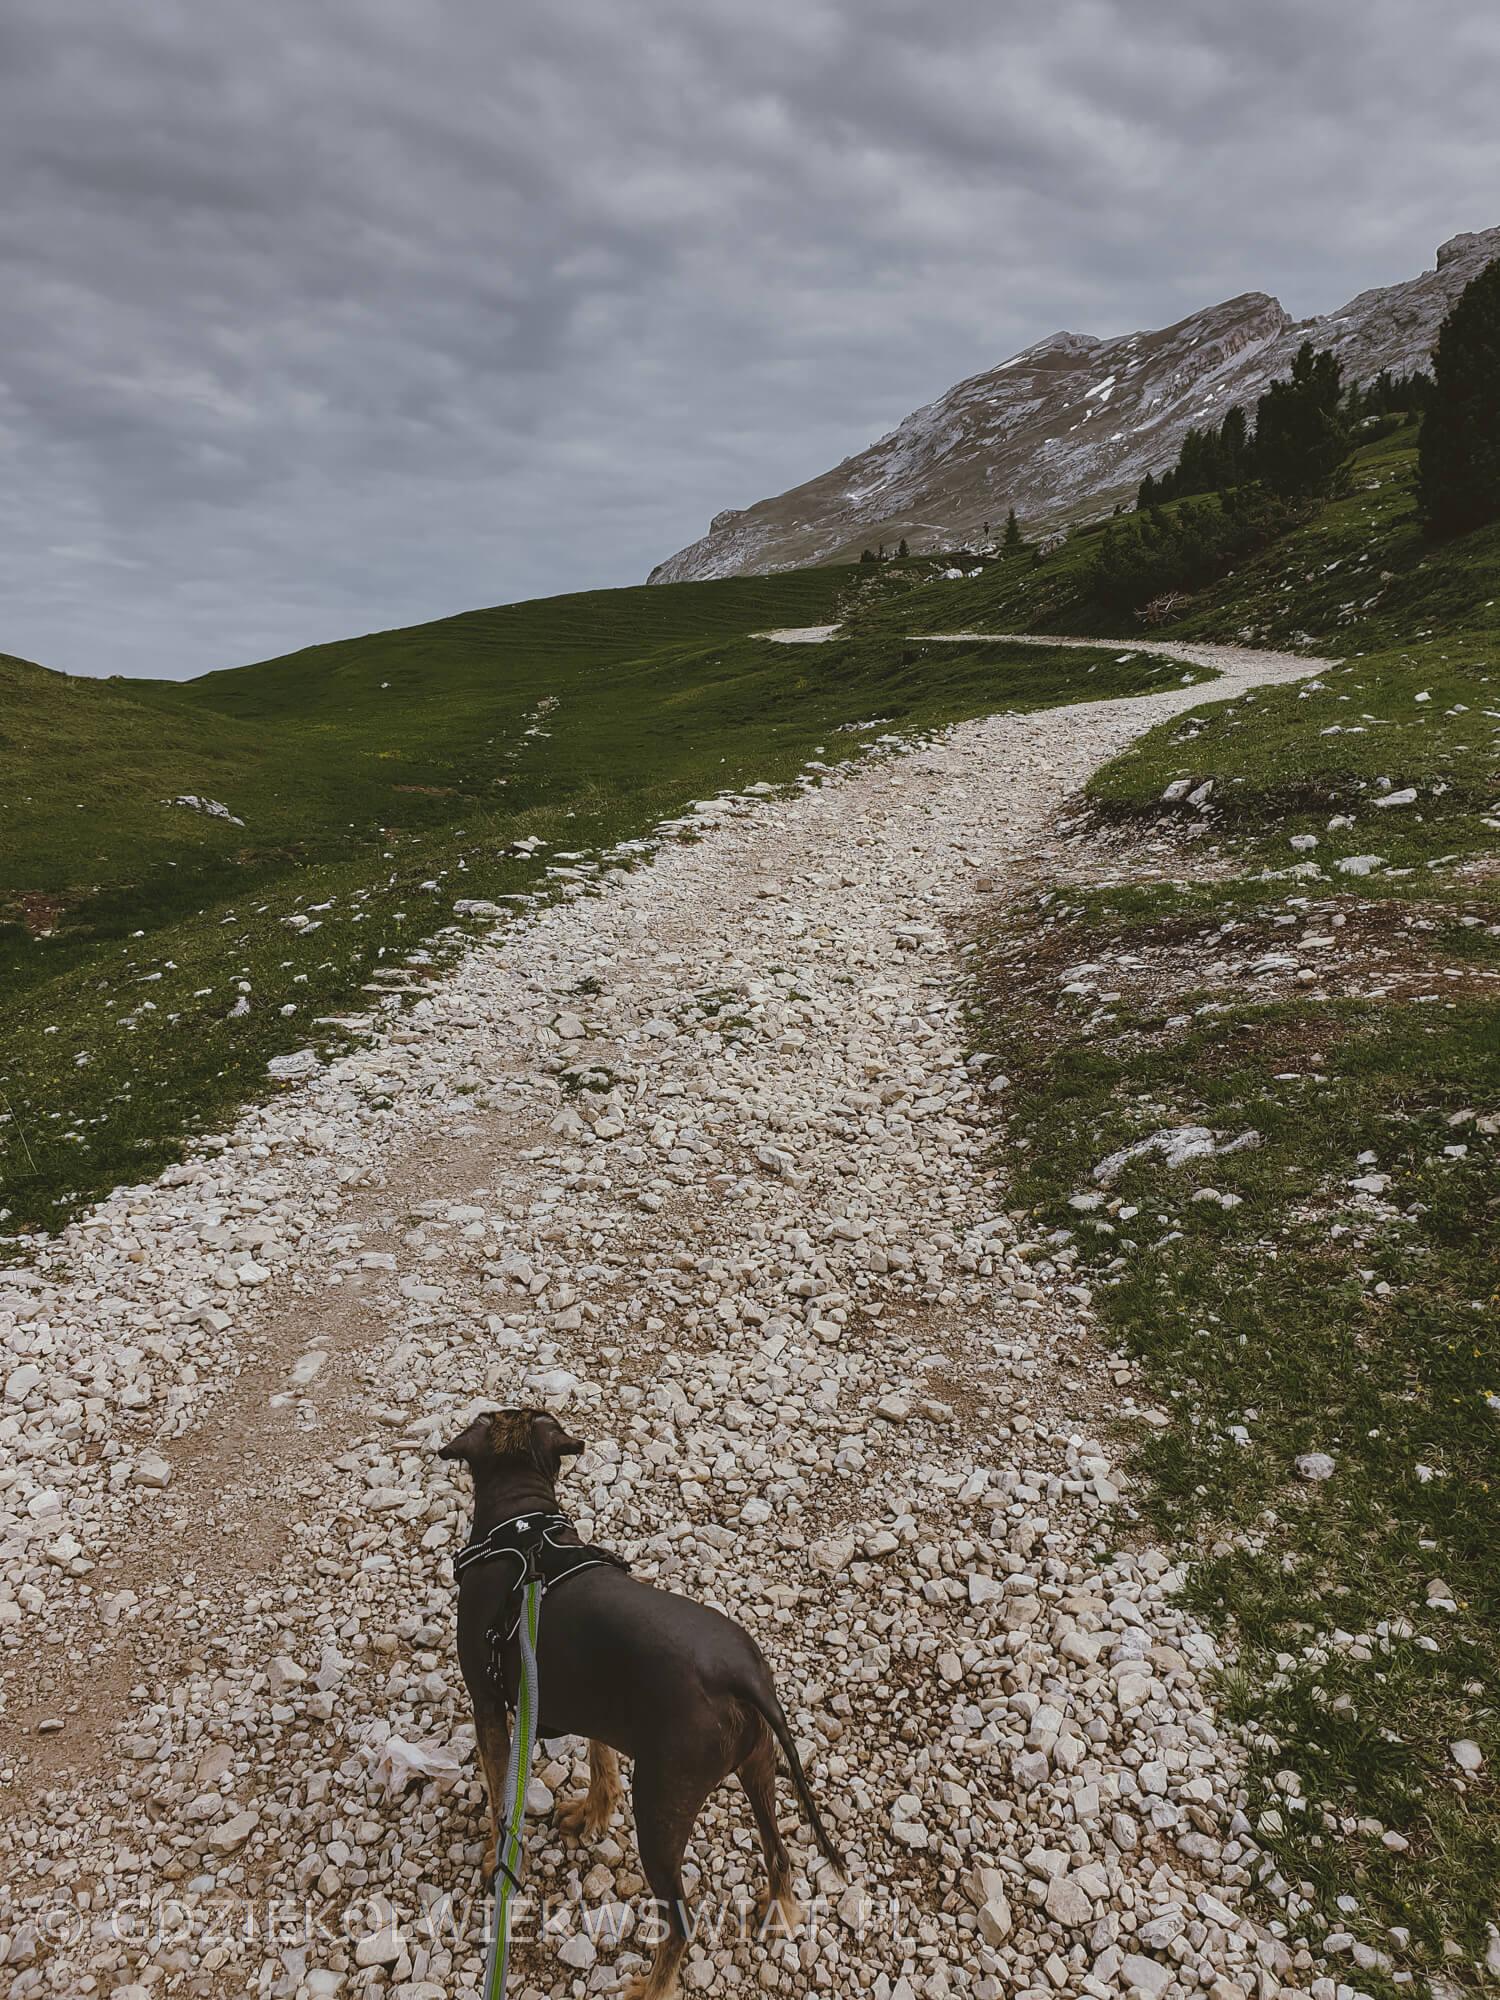 szlak przez Prato Piazza i Monte Specie